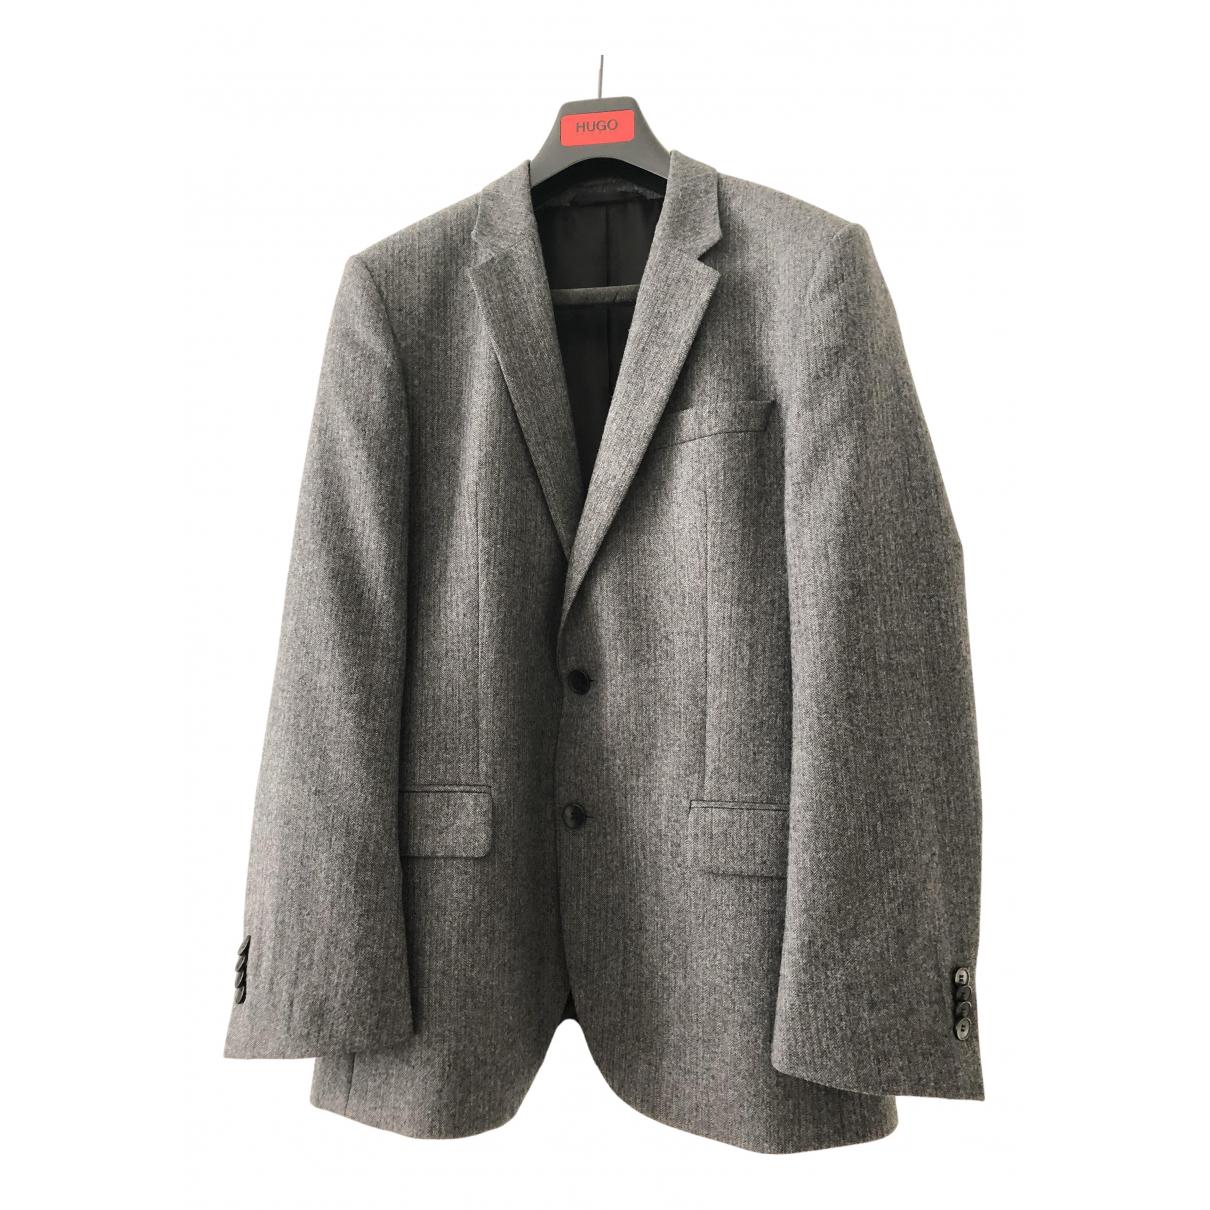 Hugo Boss - Vestes.Blousons   pour homme en laine - gris